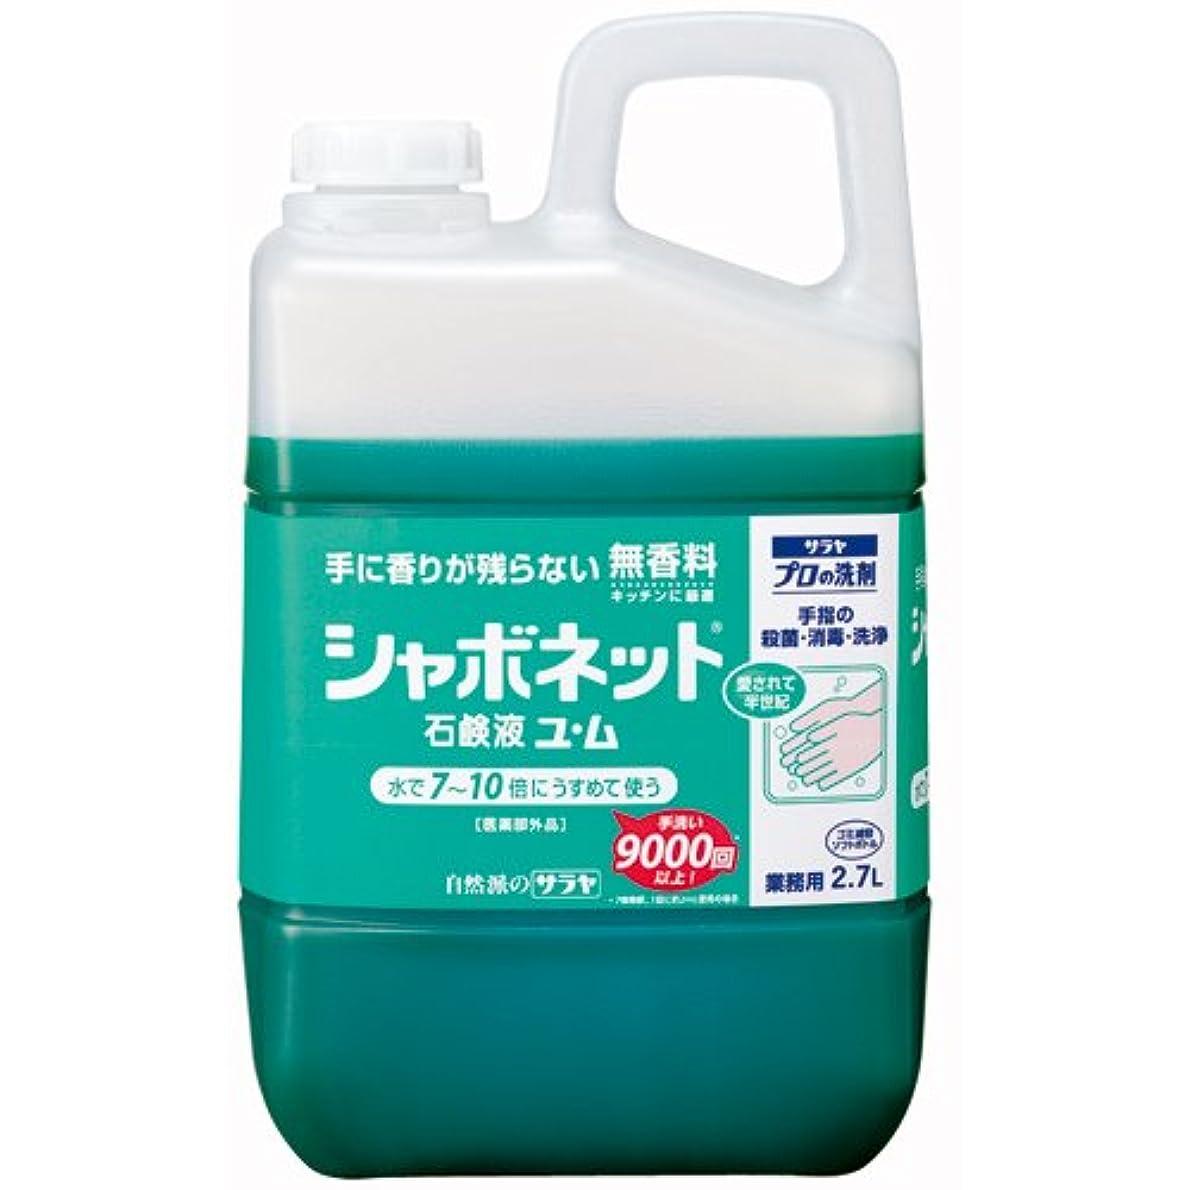 赤モニタープロフィールサラヤ シャボネット石鹸液 ユ?ム 無香料 業務用 2.7L